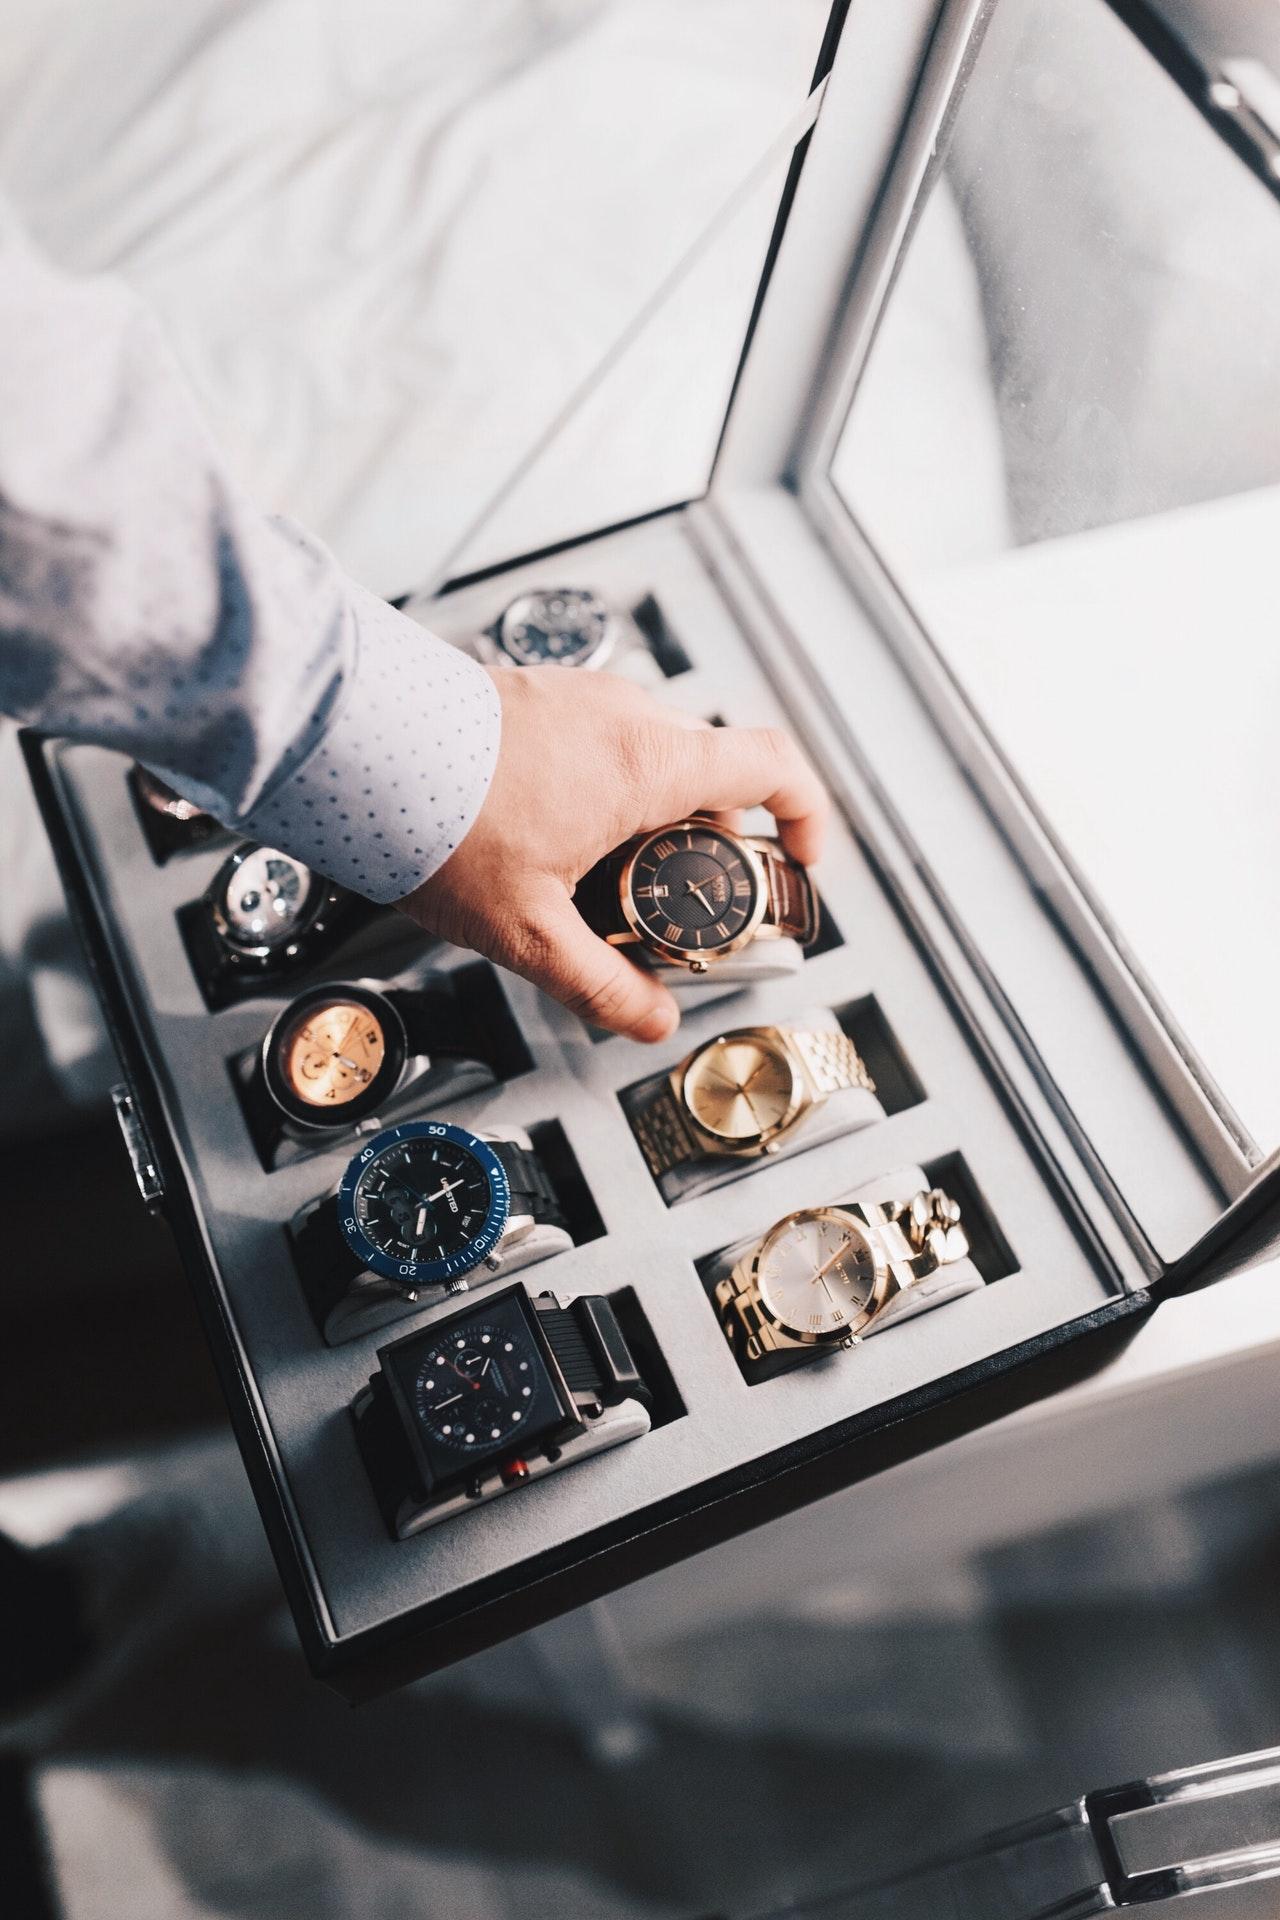 Хората, които имат повече часовници определено знаят как да се грижат за тях. Ето някои основни правила - полезни и за теб!